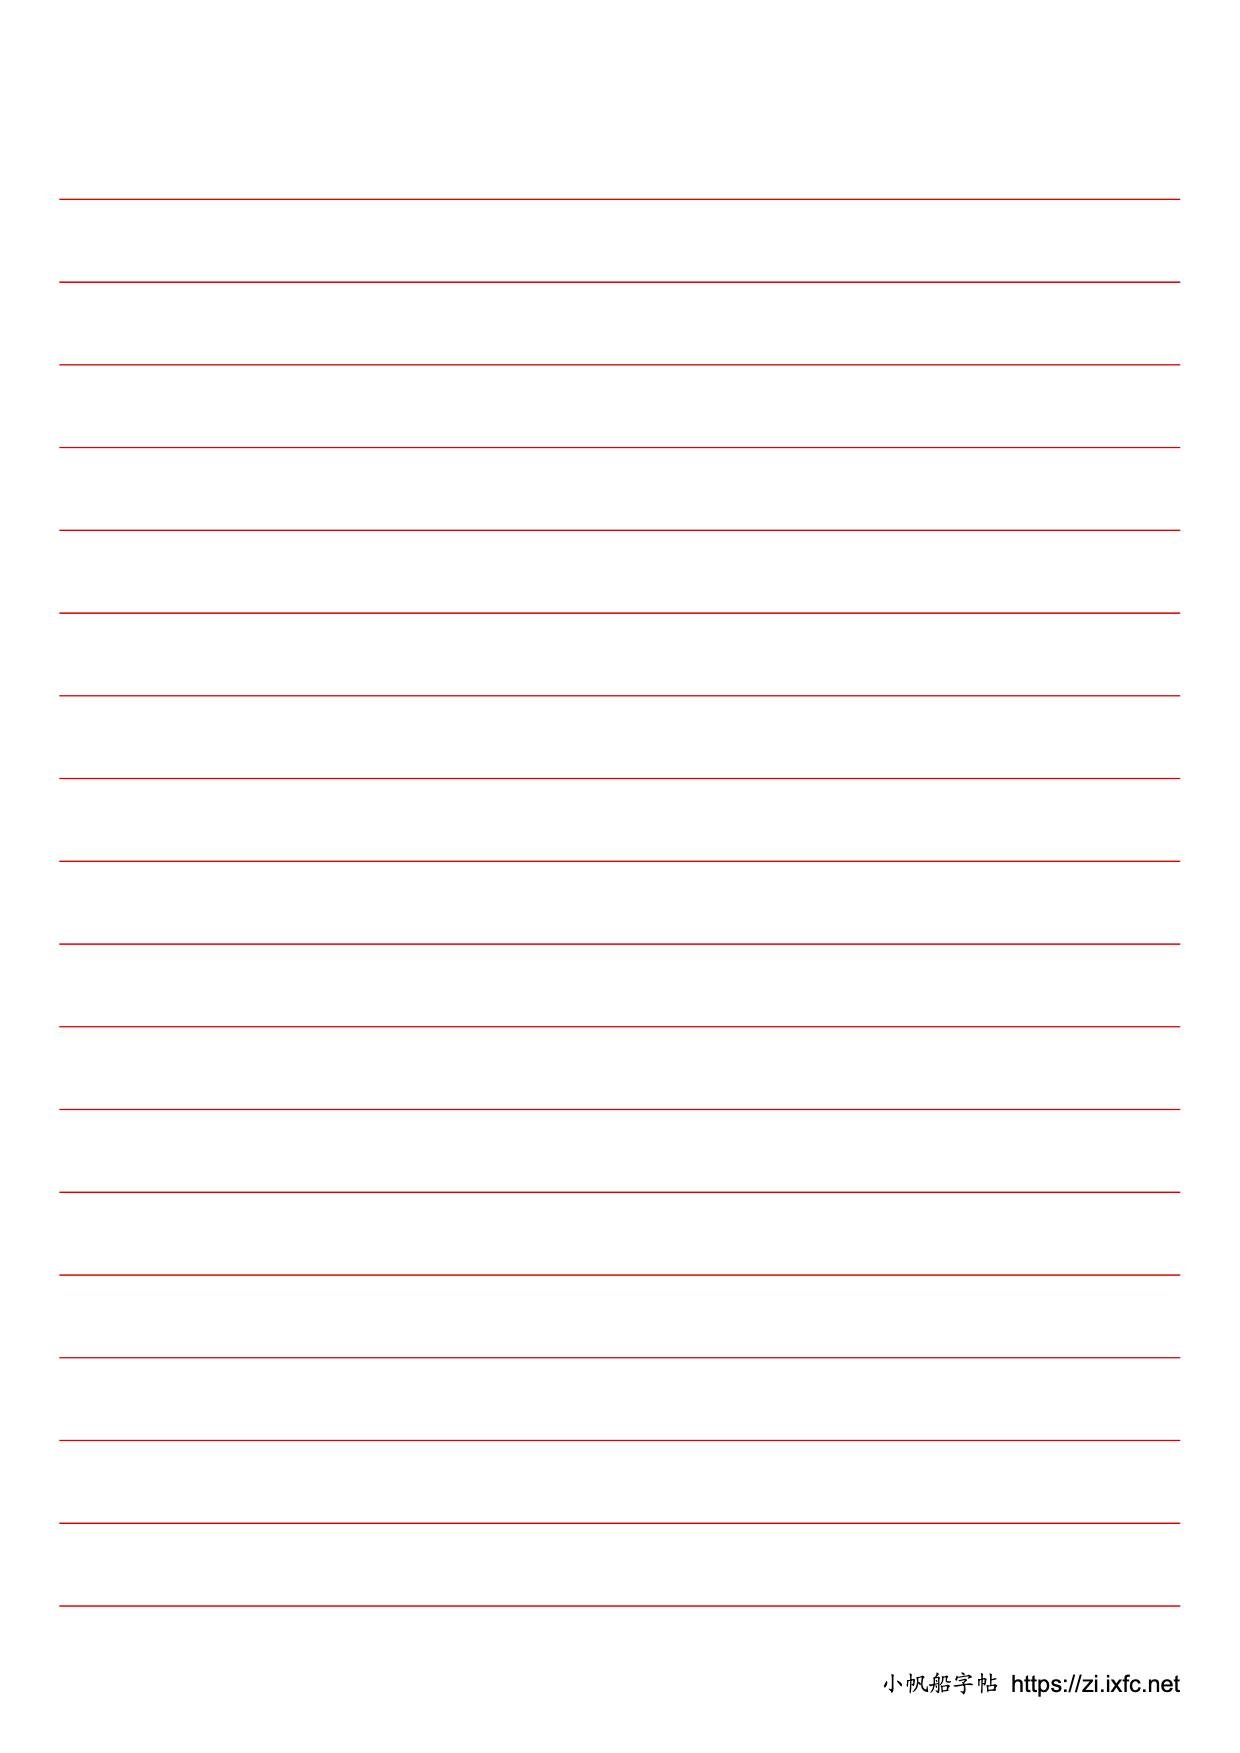 横线格格子纸